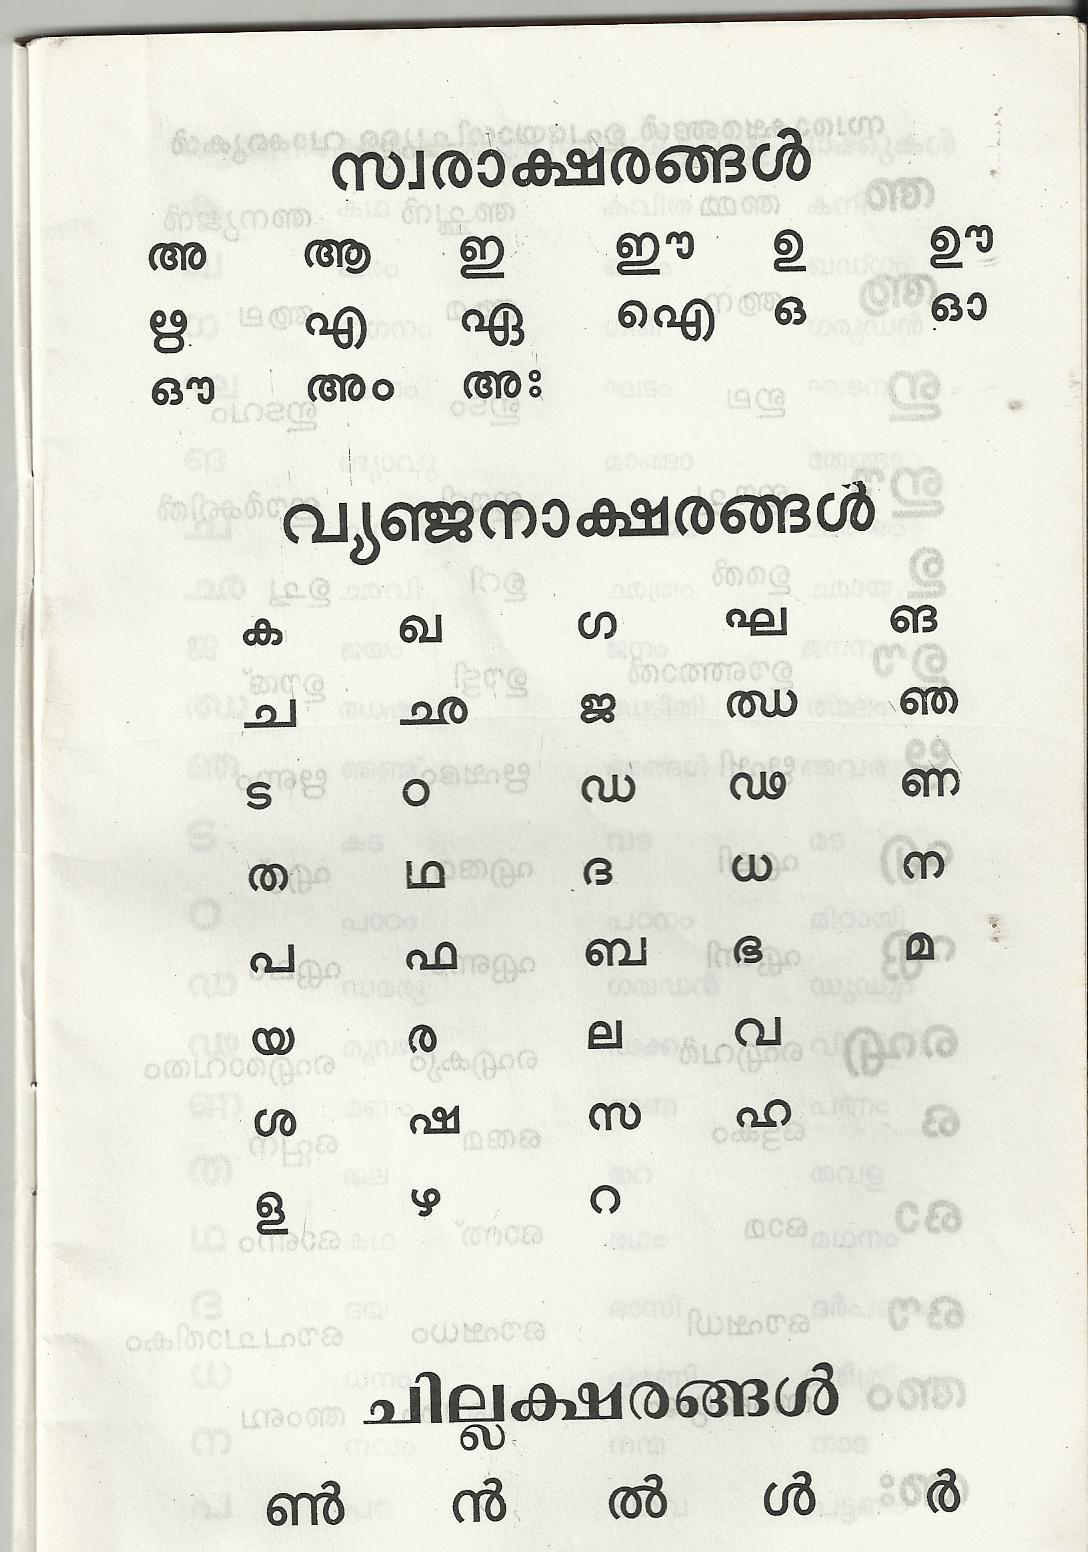 Pathanapuram Malayalam Alphabets